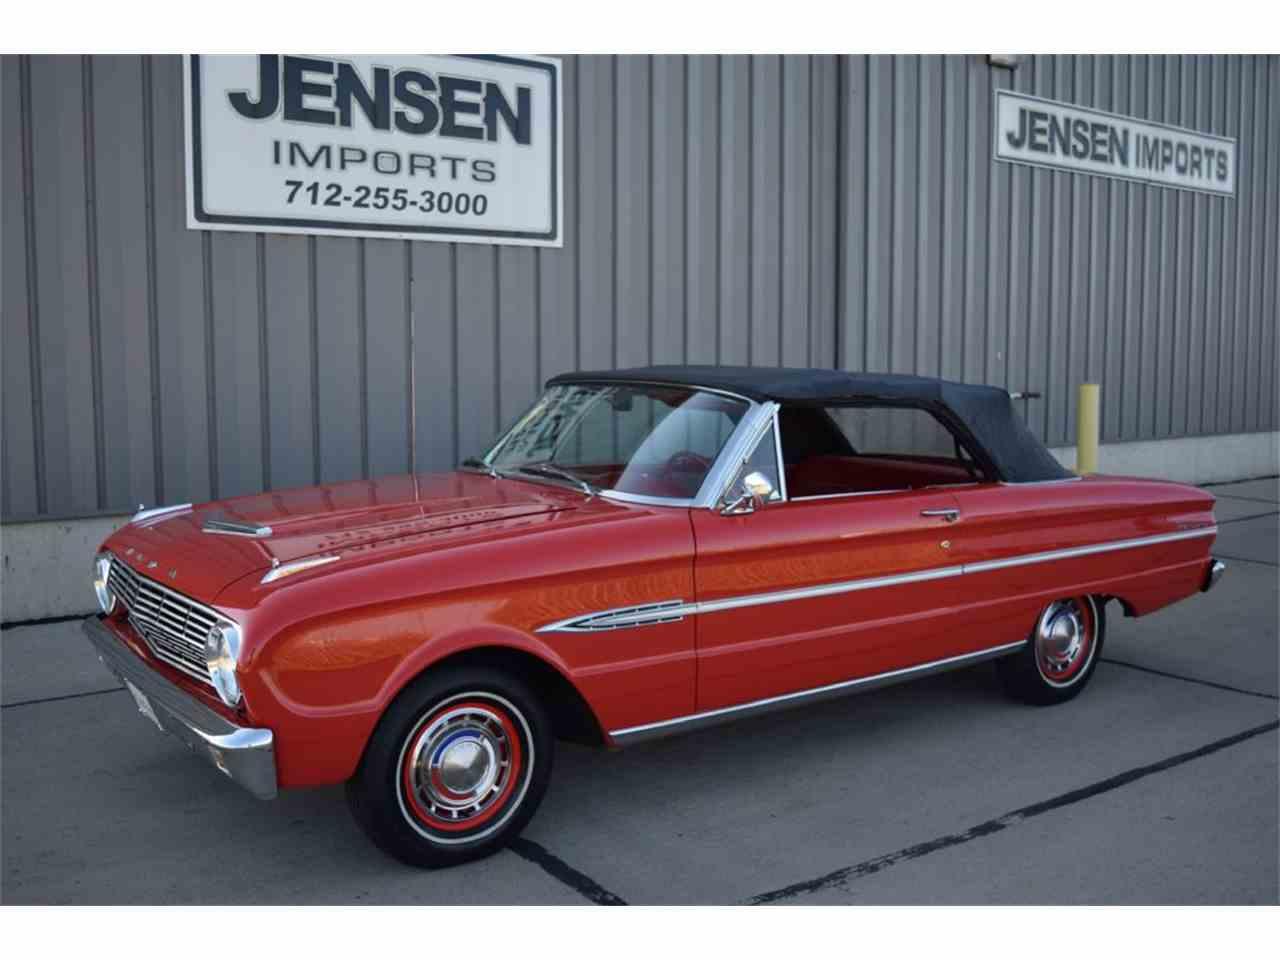 Large Picture of 1963 Falcon Futura located in Sioux City Iowa - $24,900.00 - LUN9